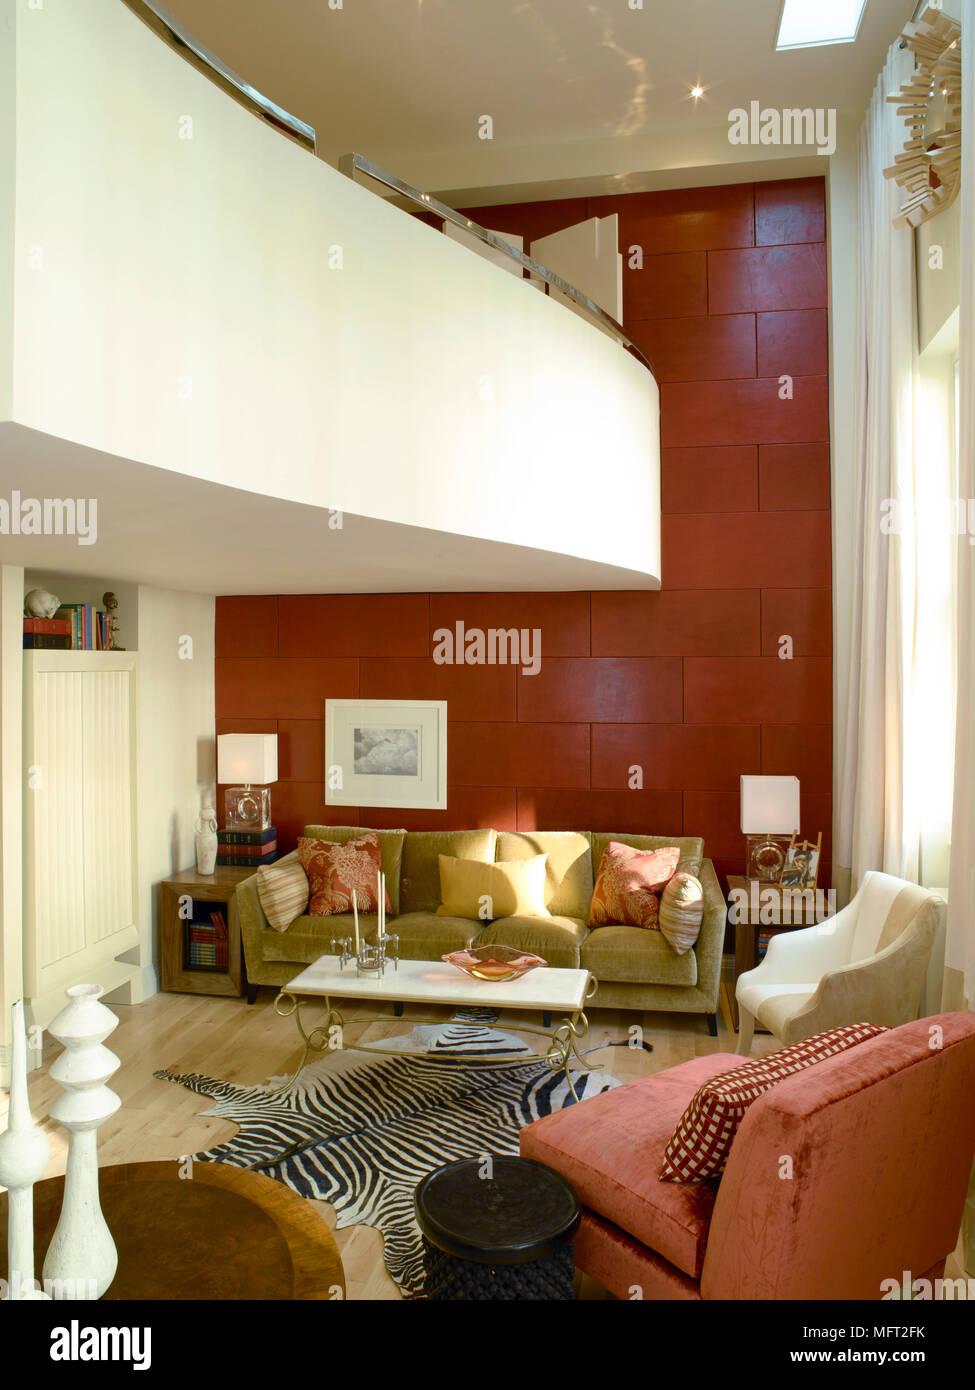 Modernes Wohnzimmer Mit Rotem Akzent Wand, Geschwungenen Balkon Und  Sitzecke Mit Tierdruck Teppich.